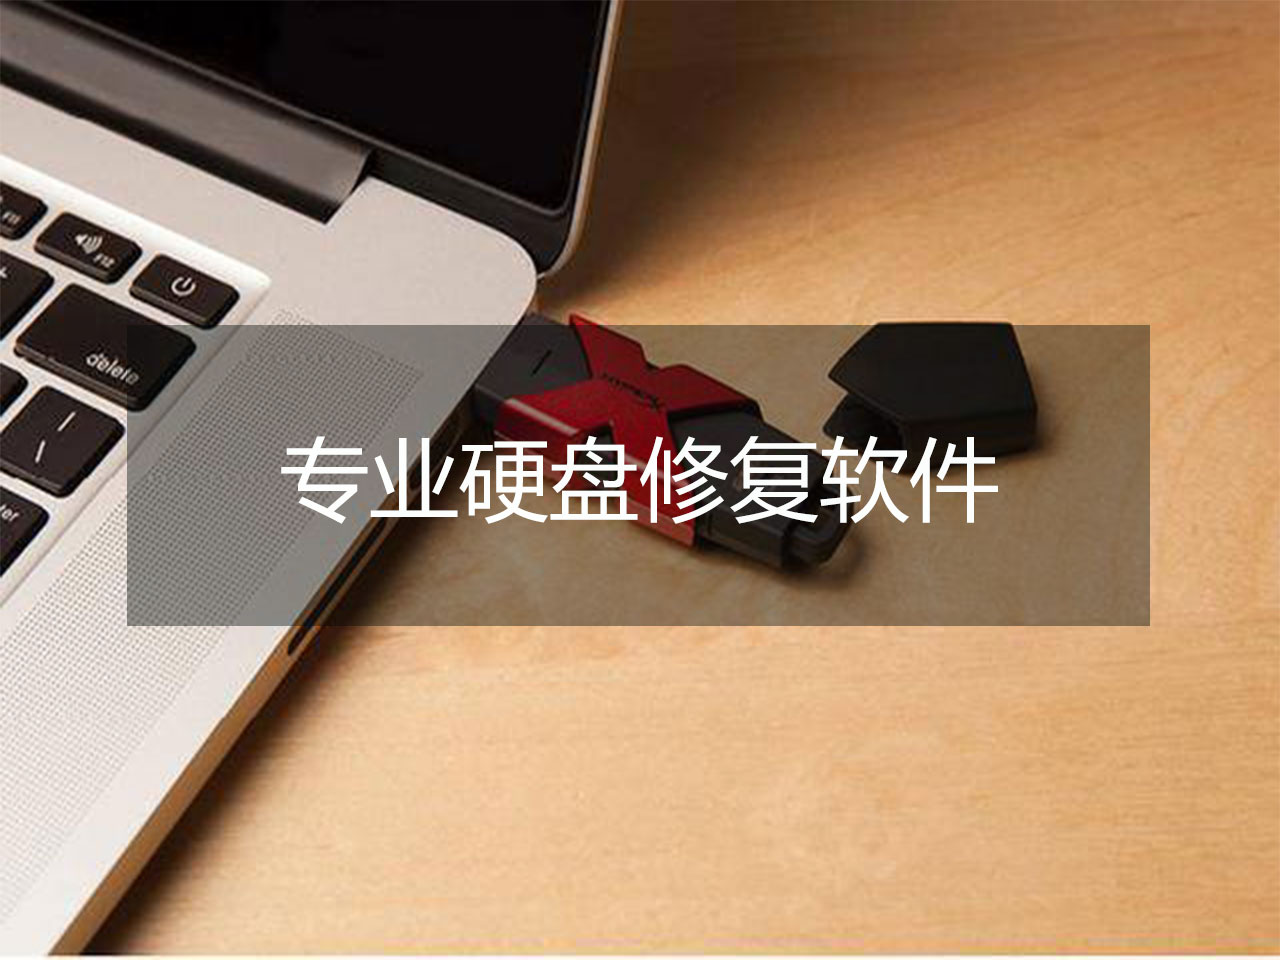 硬盘数据丢失怎么恢复?专业硬盘修复软件来帮你!